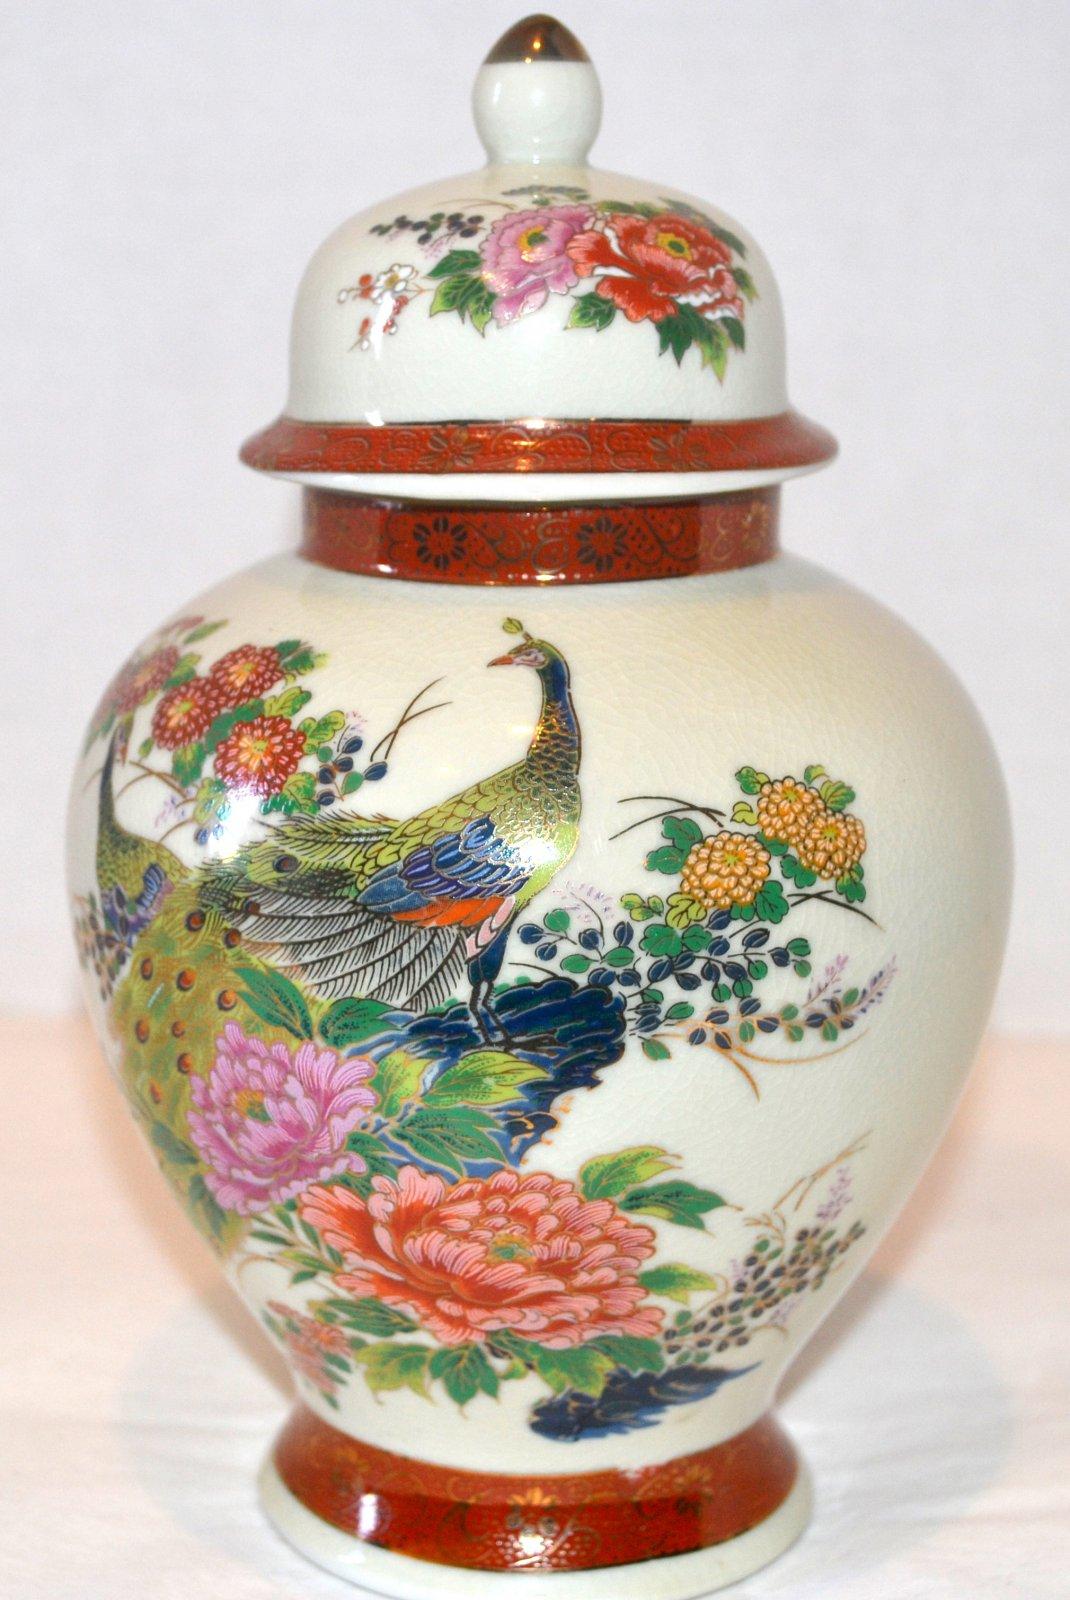 Japanese Porcelain Jar with lid.